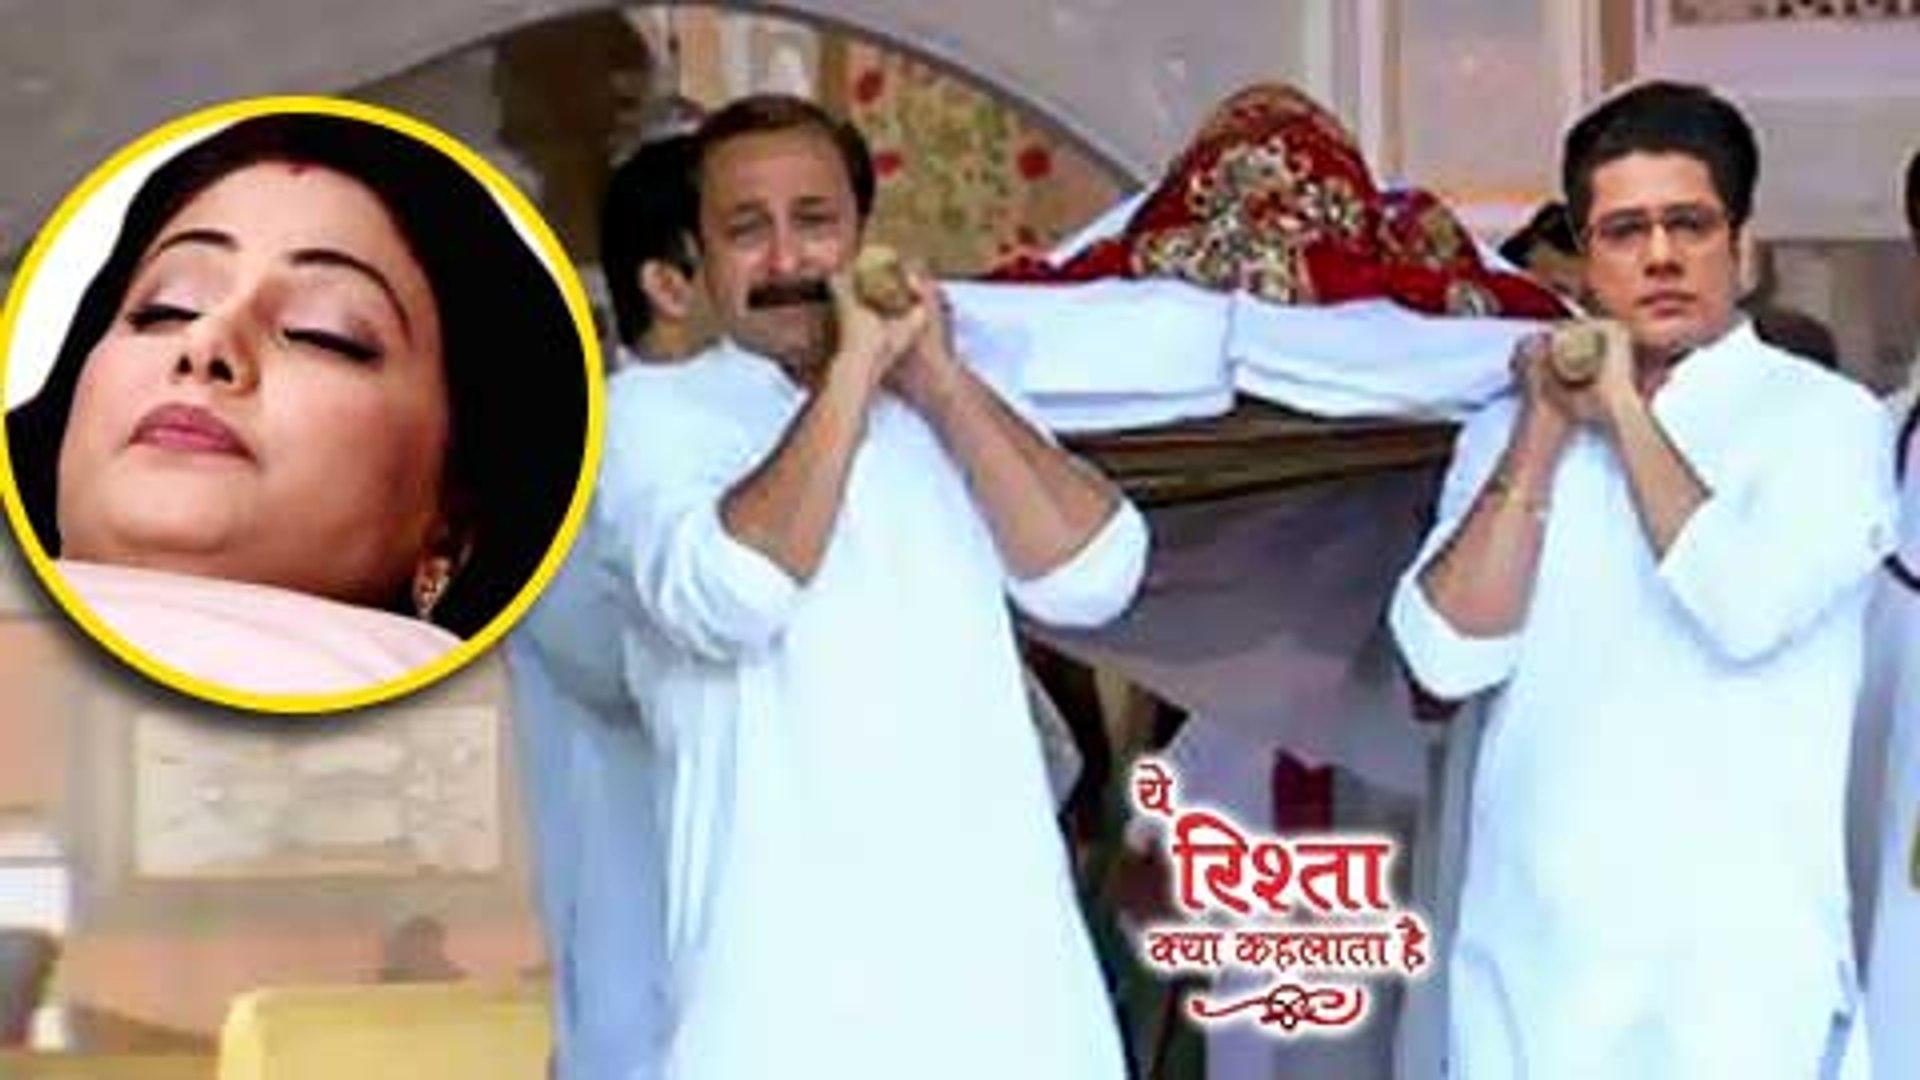 Revealed Akshara S Death Plot Yeh Rishta Kya Kehlata Hai Video Dailymotion दादासाहेब फाल्के अकादमी सम्मान पुरस्कार पाने वालों में लोकप्रिय टीवी धारावाहिक 'सरस्वतीचंद्र' में सरस की भूमिका निभा रहे गौतम रोडे, 'ये रिश्ता क्या कहलाता है' में अक्षरा का किरदार निभा रहीं हिना खान और चर्चित कामेडी शो के कलाकार कपिल शर्मा भी शामिल थे. revealed akshara s death plot yeh rishta kya kehlata hai